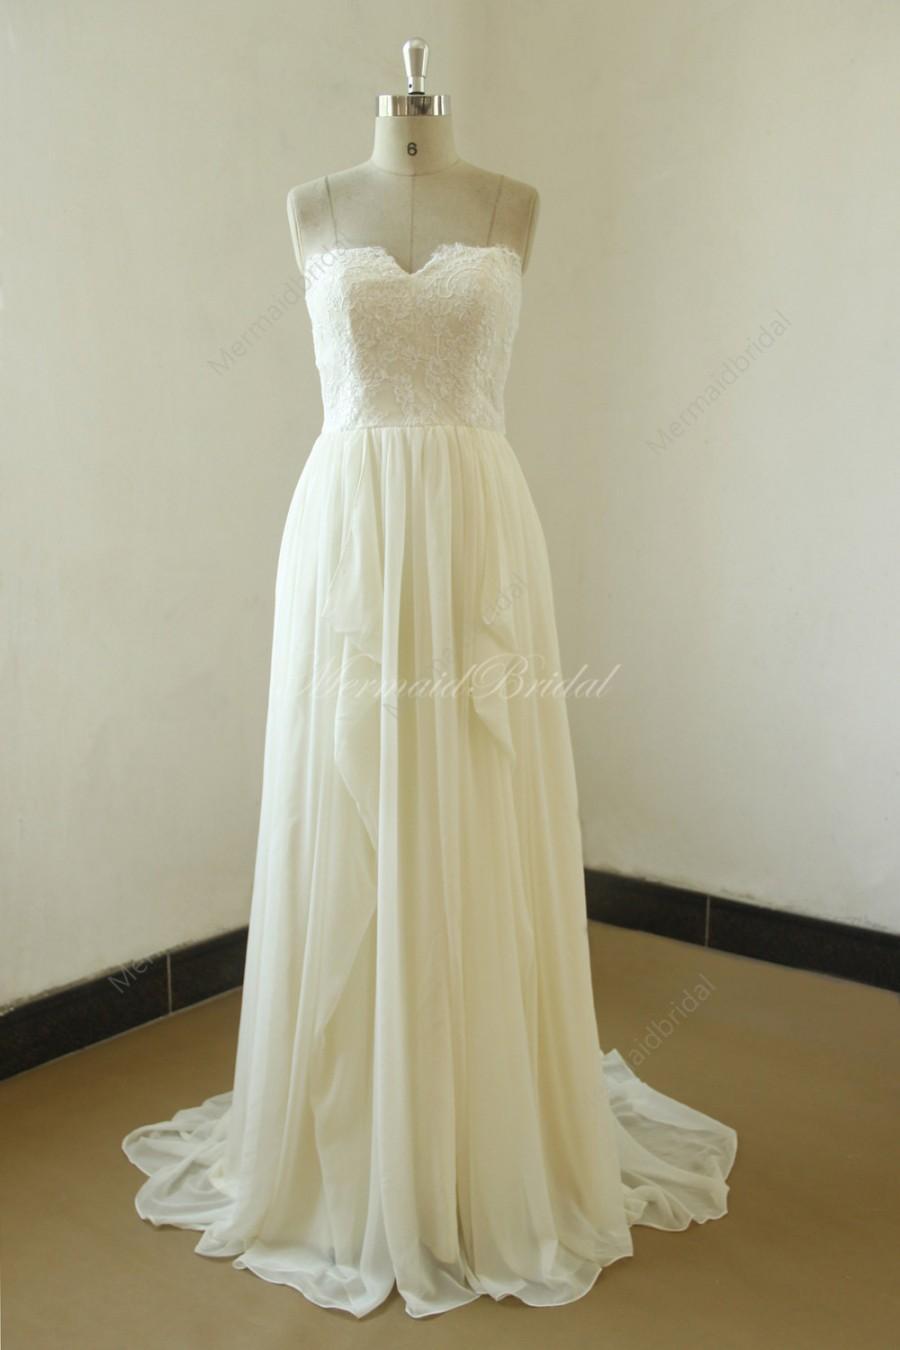 زفاف - Cream ivory A line chiffon lace wedding with sweetheart neckline